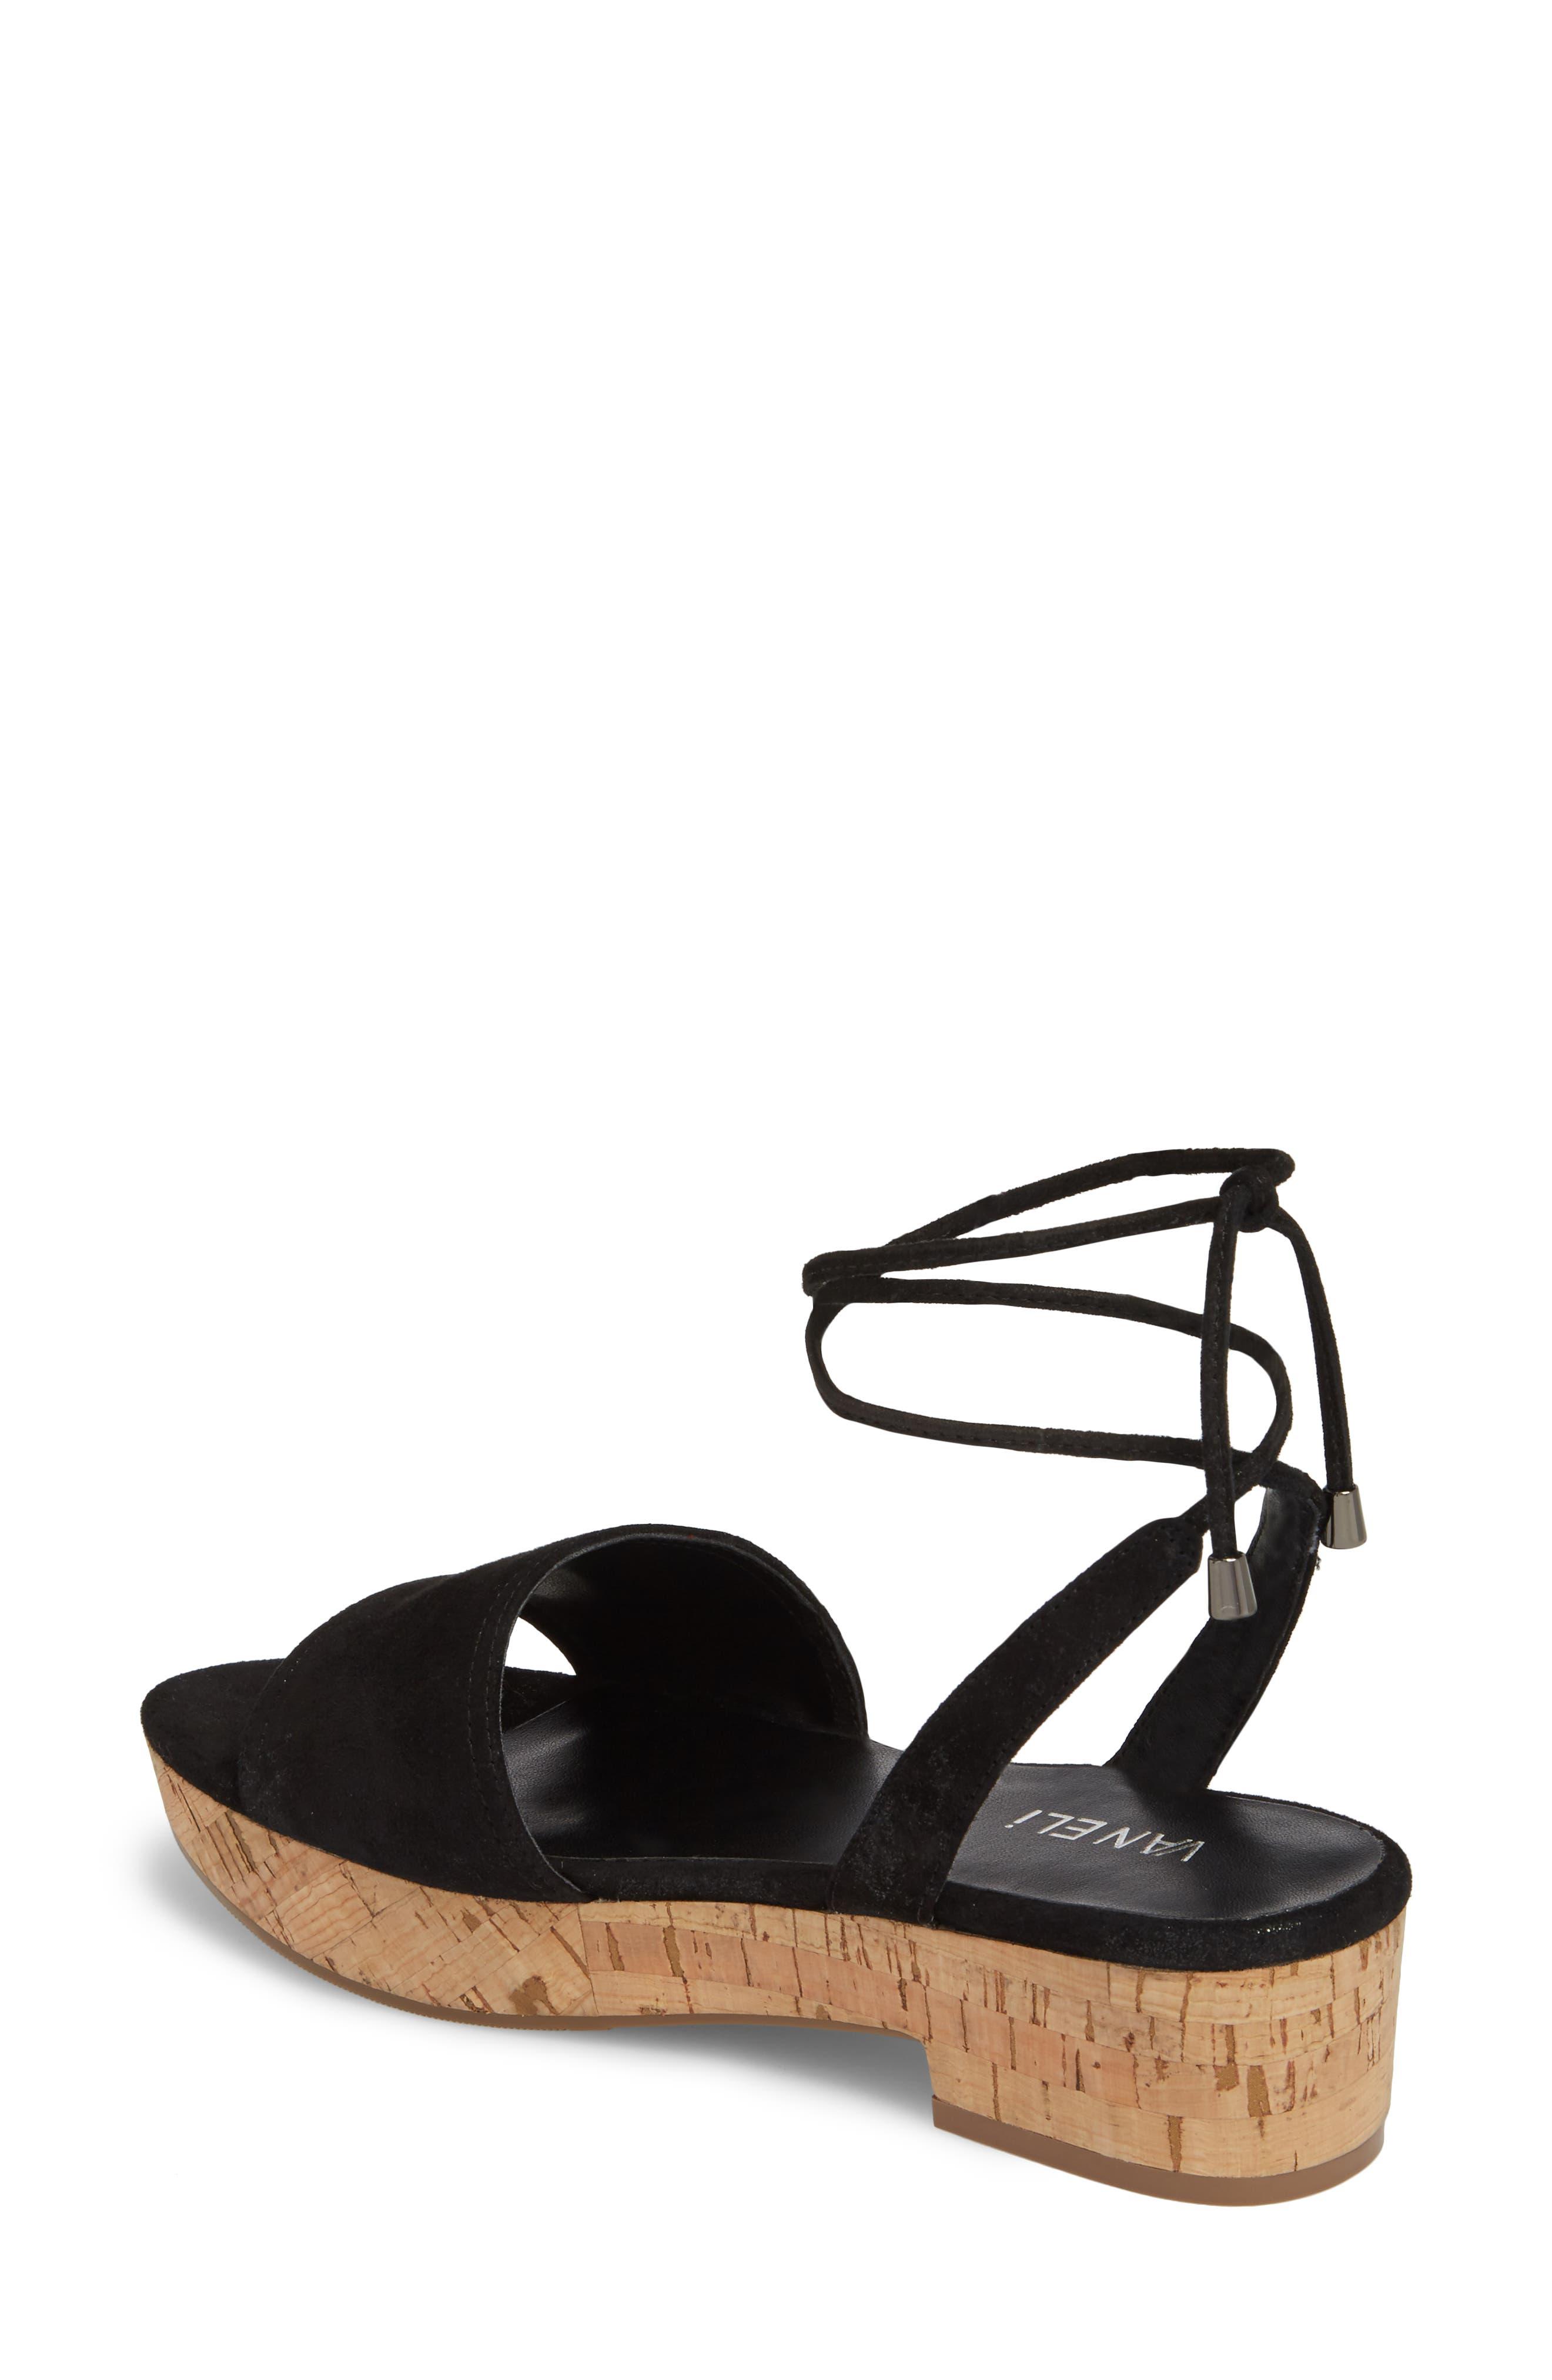 Saba Platform Sandal,                             Alternate thumbnail 2, color,                             Black Printed Suede